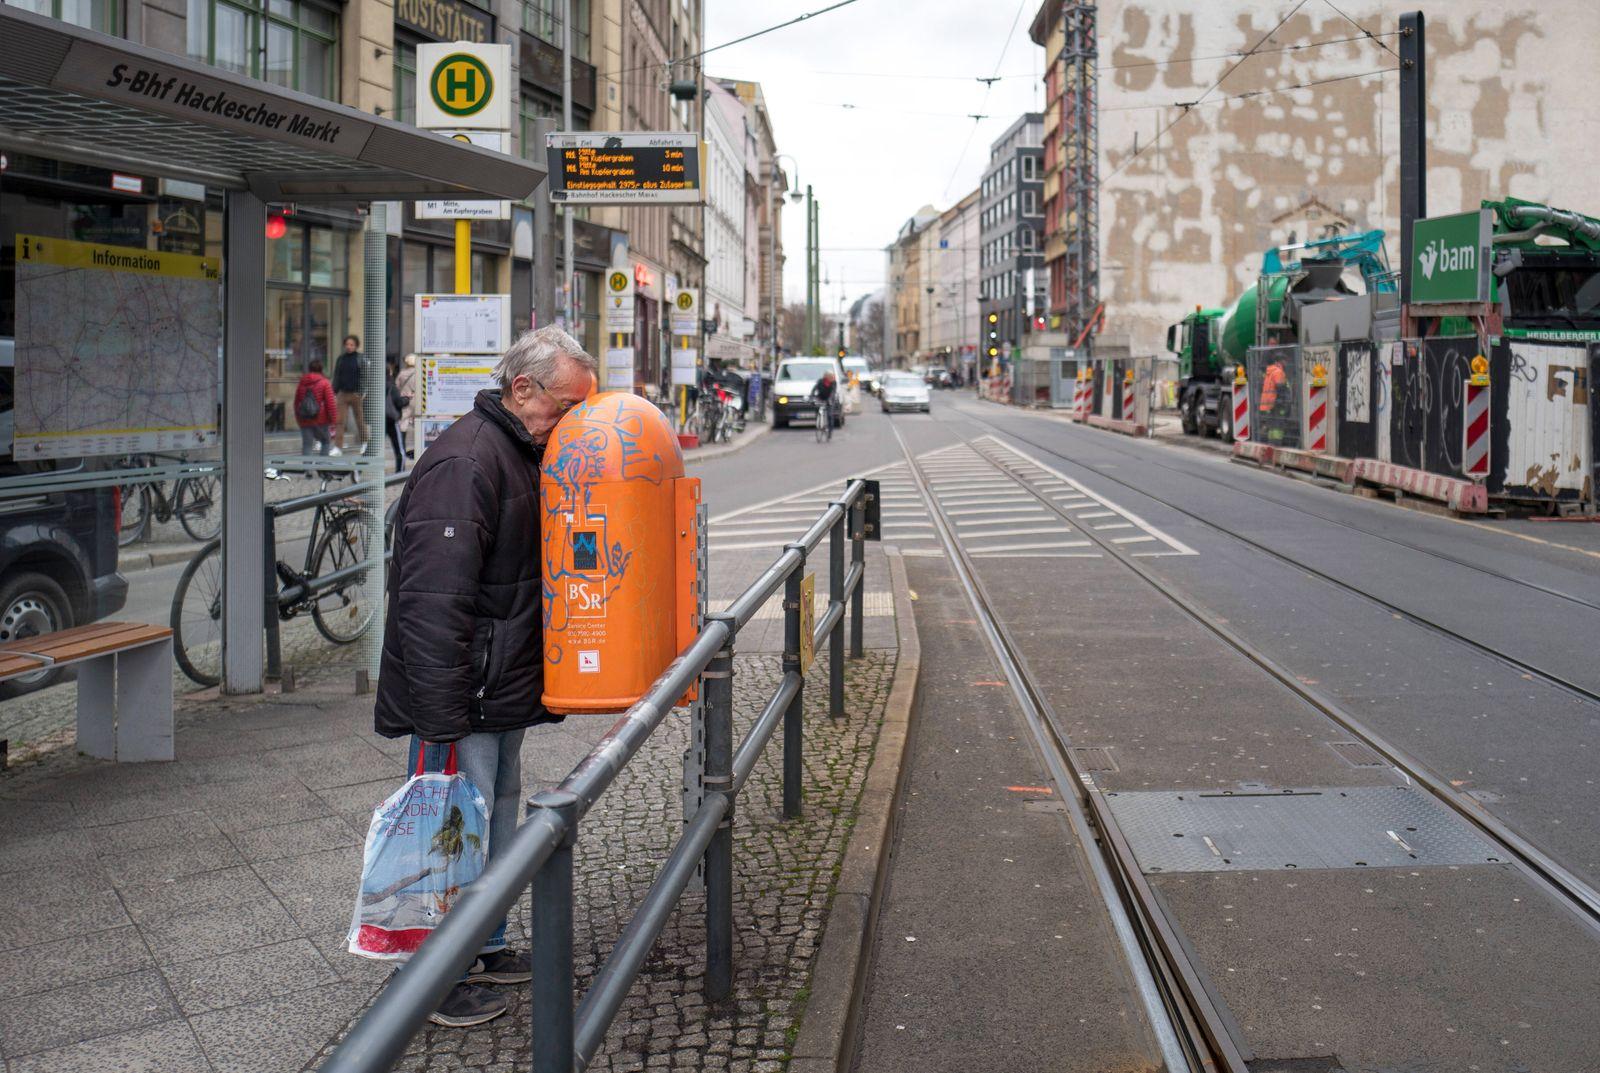 Ein aelterer Mann sucht in einem oeffentlichen Muelleimer nach Pfandflaschen. 24.02.2020, Berlin, GER - Ein aelterer Man